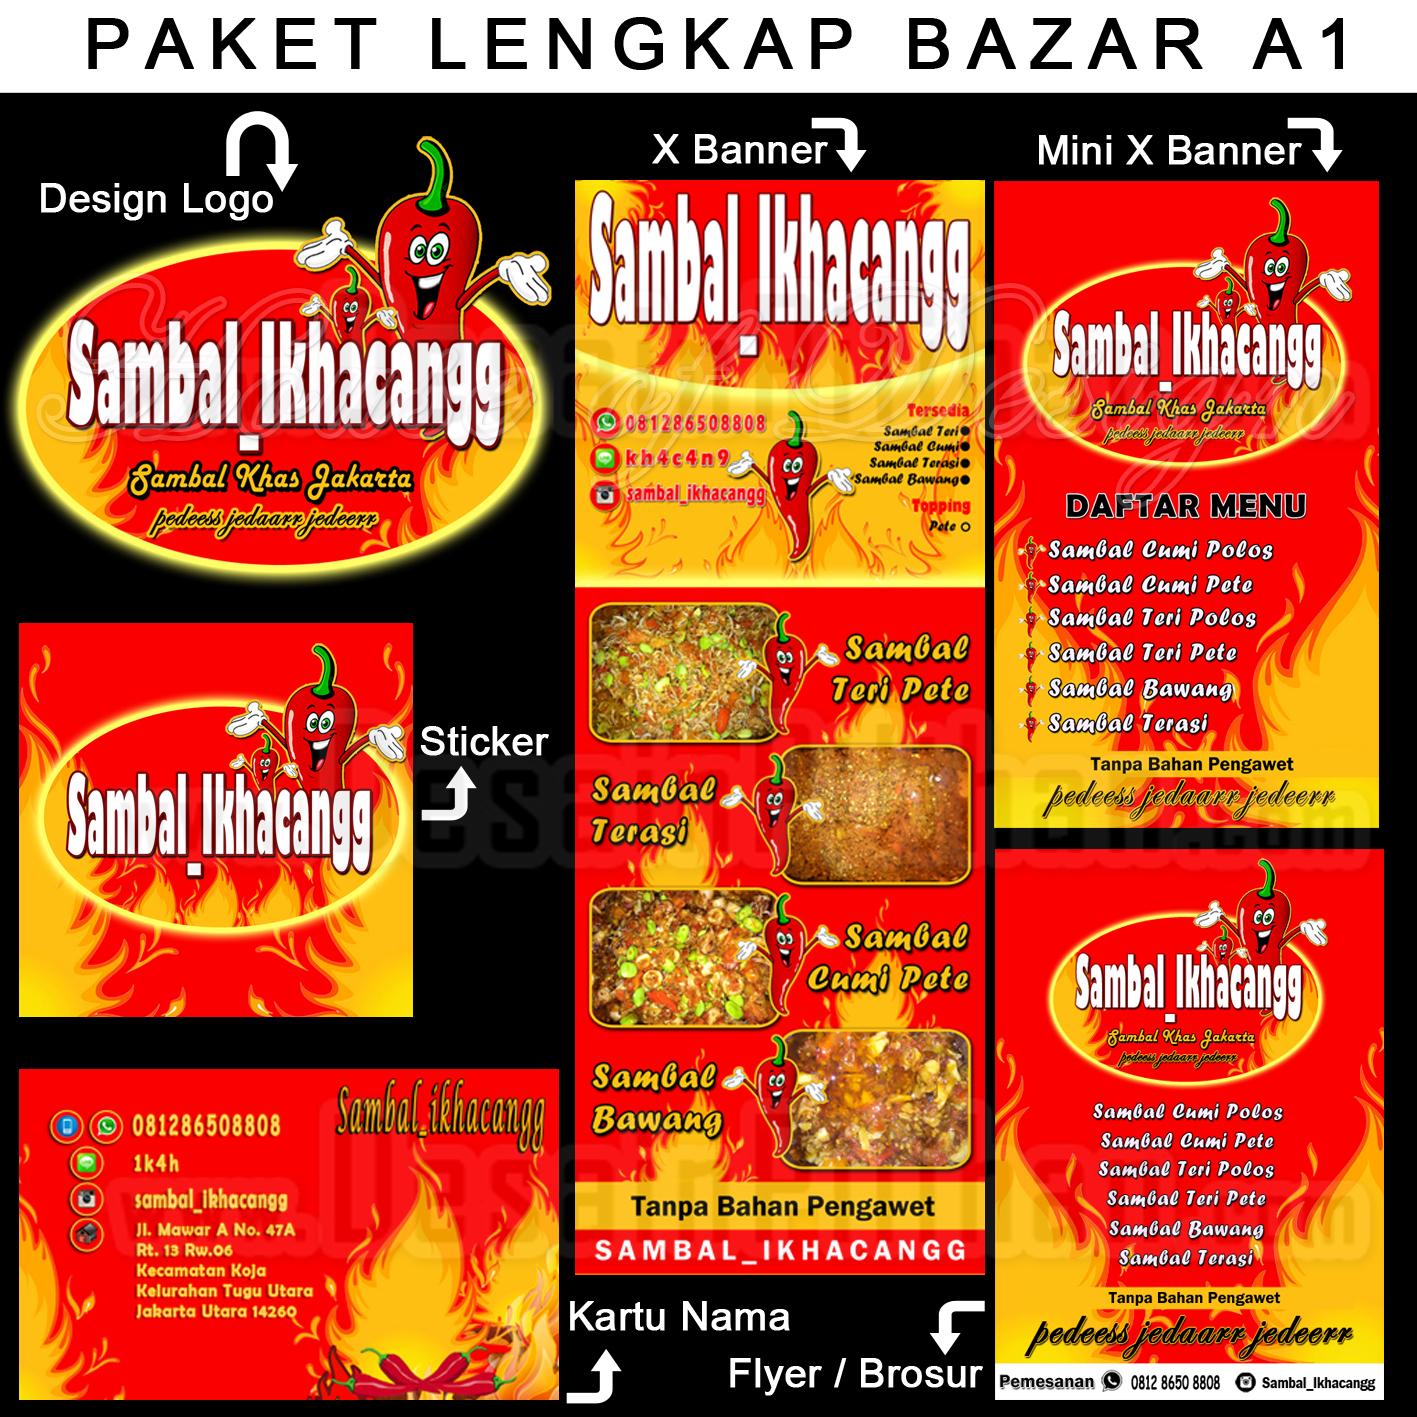 jual paket lengkap desain pendukung bazar berkualitas murah harga terjangkau